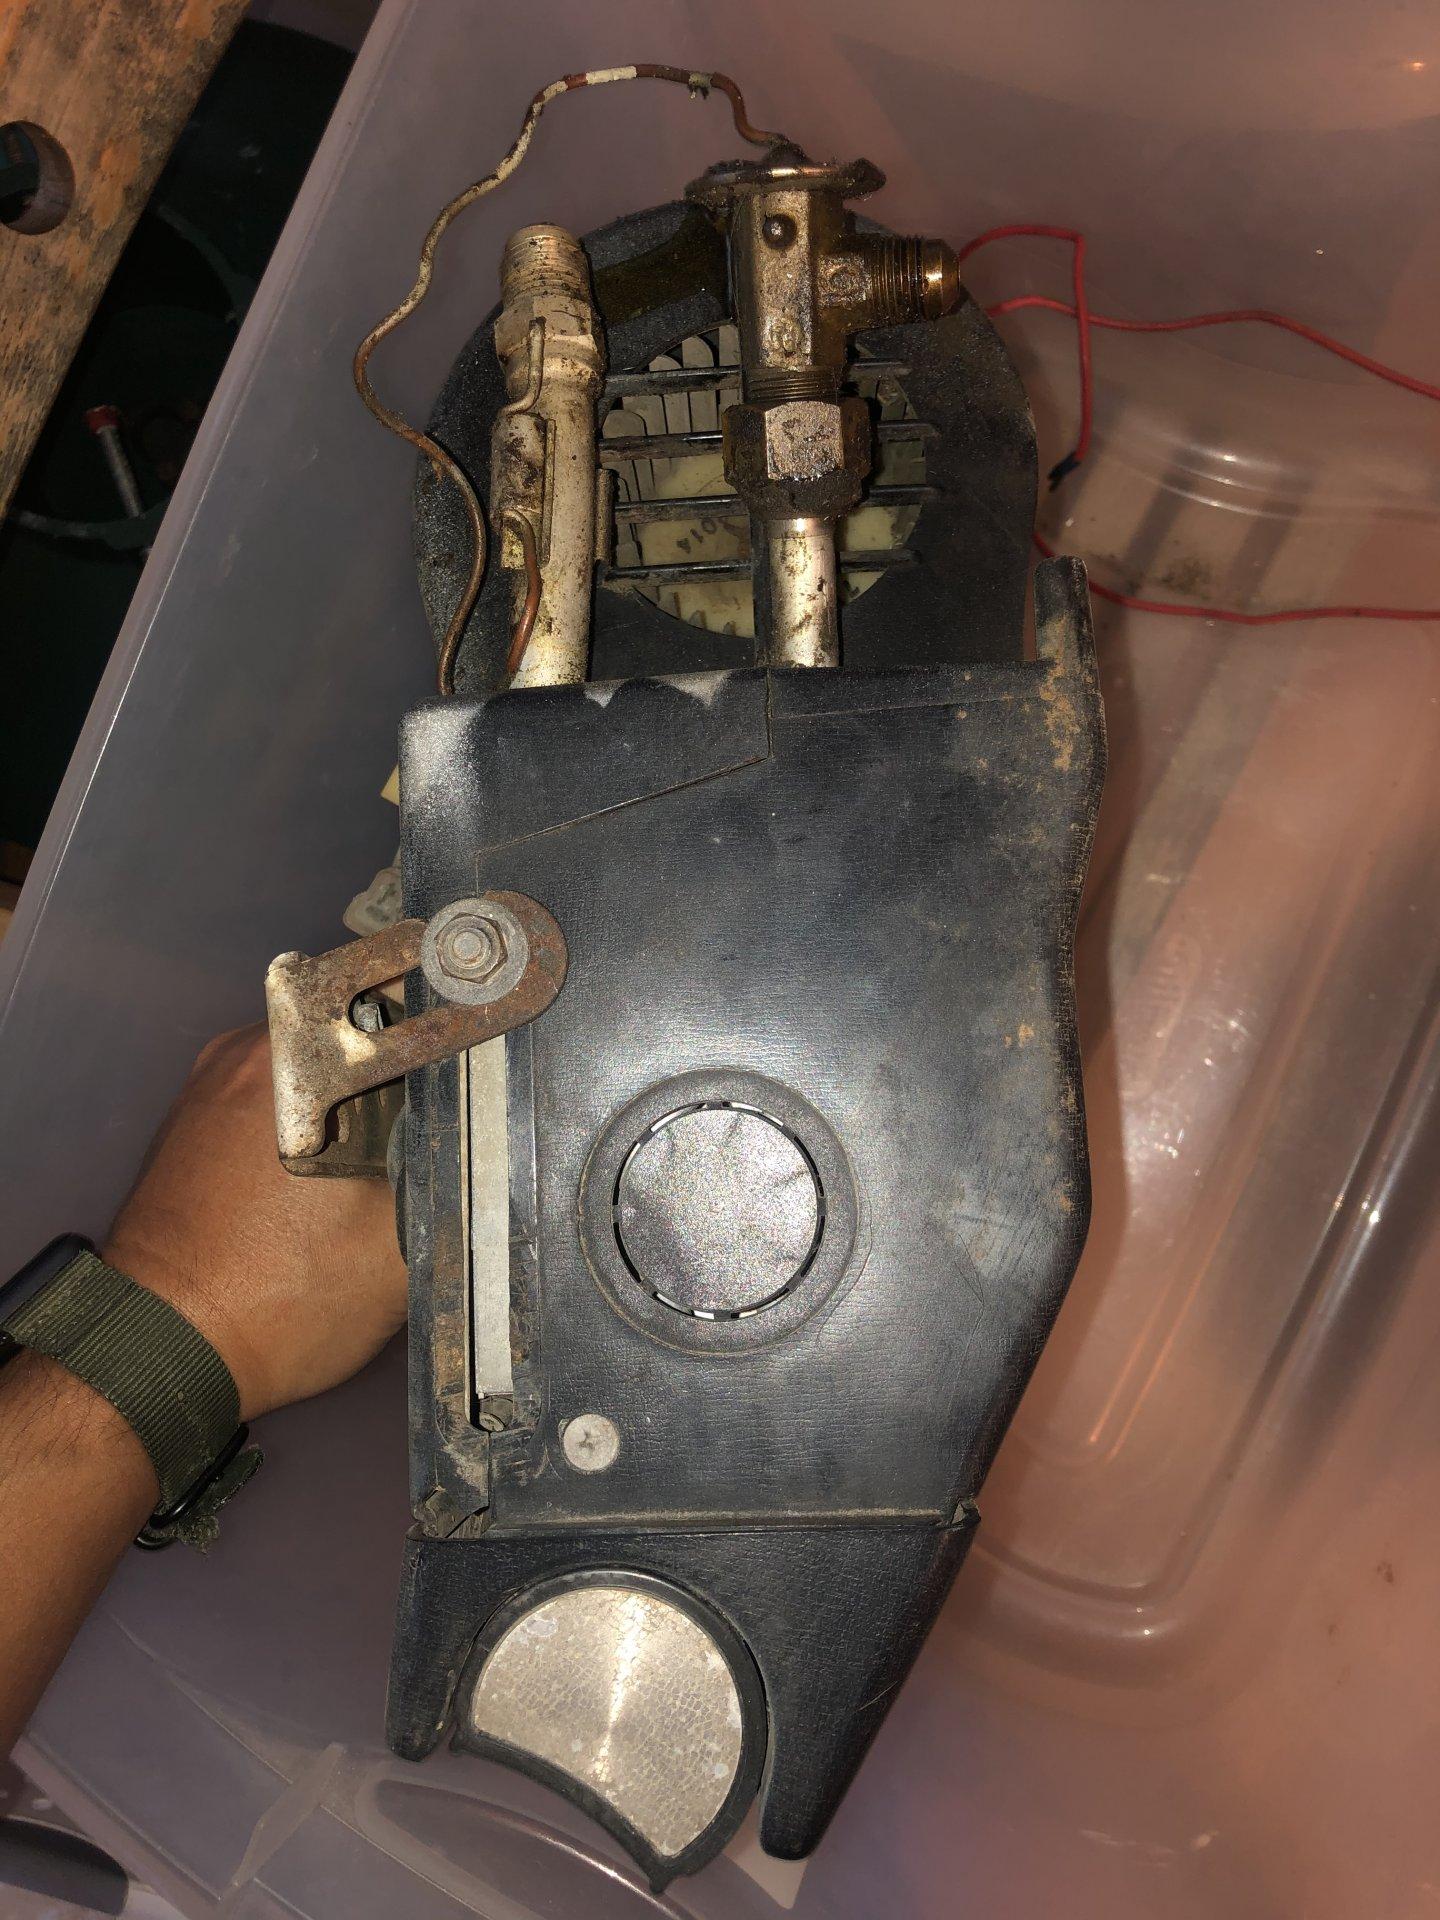 8D466ECD-5E12-48CA-9841-E296F6C3BFCA.jpeg